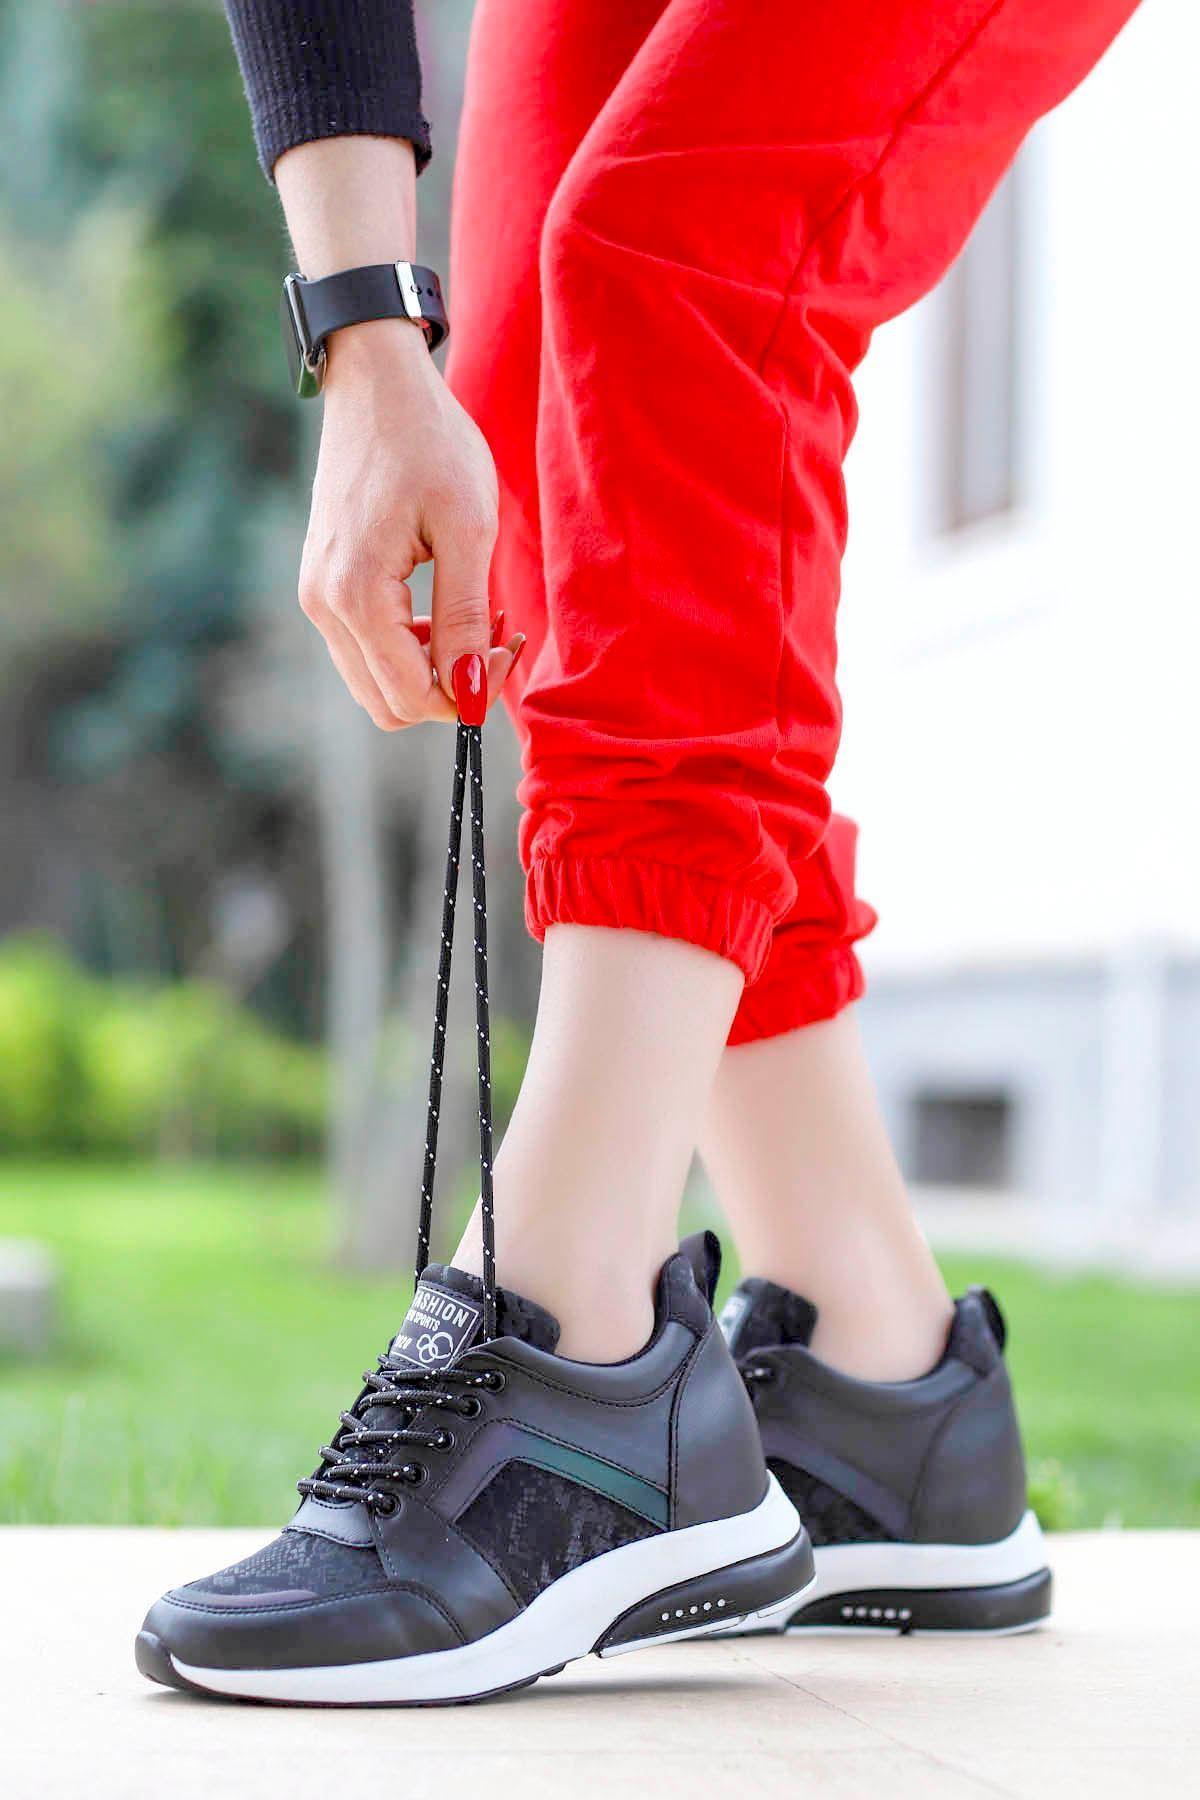 Frm-1621 Gizli Topuk Spor Ayakkabı Siyah